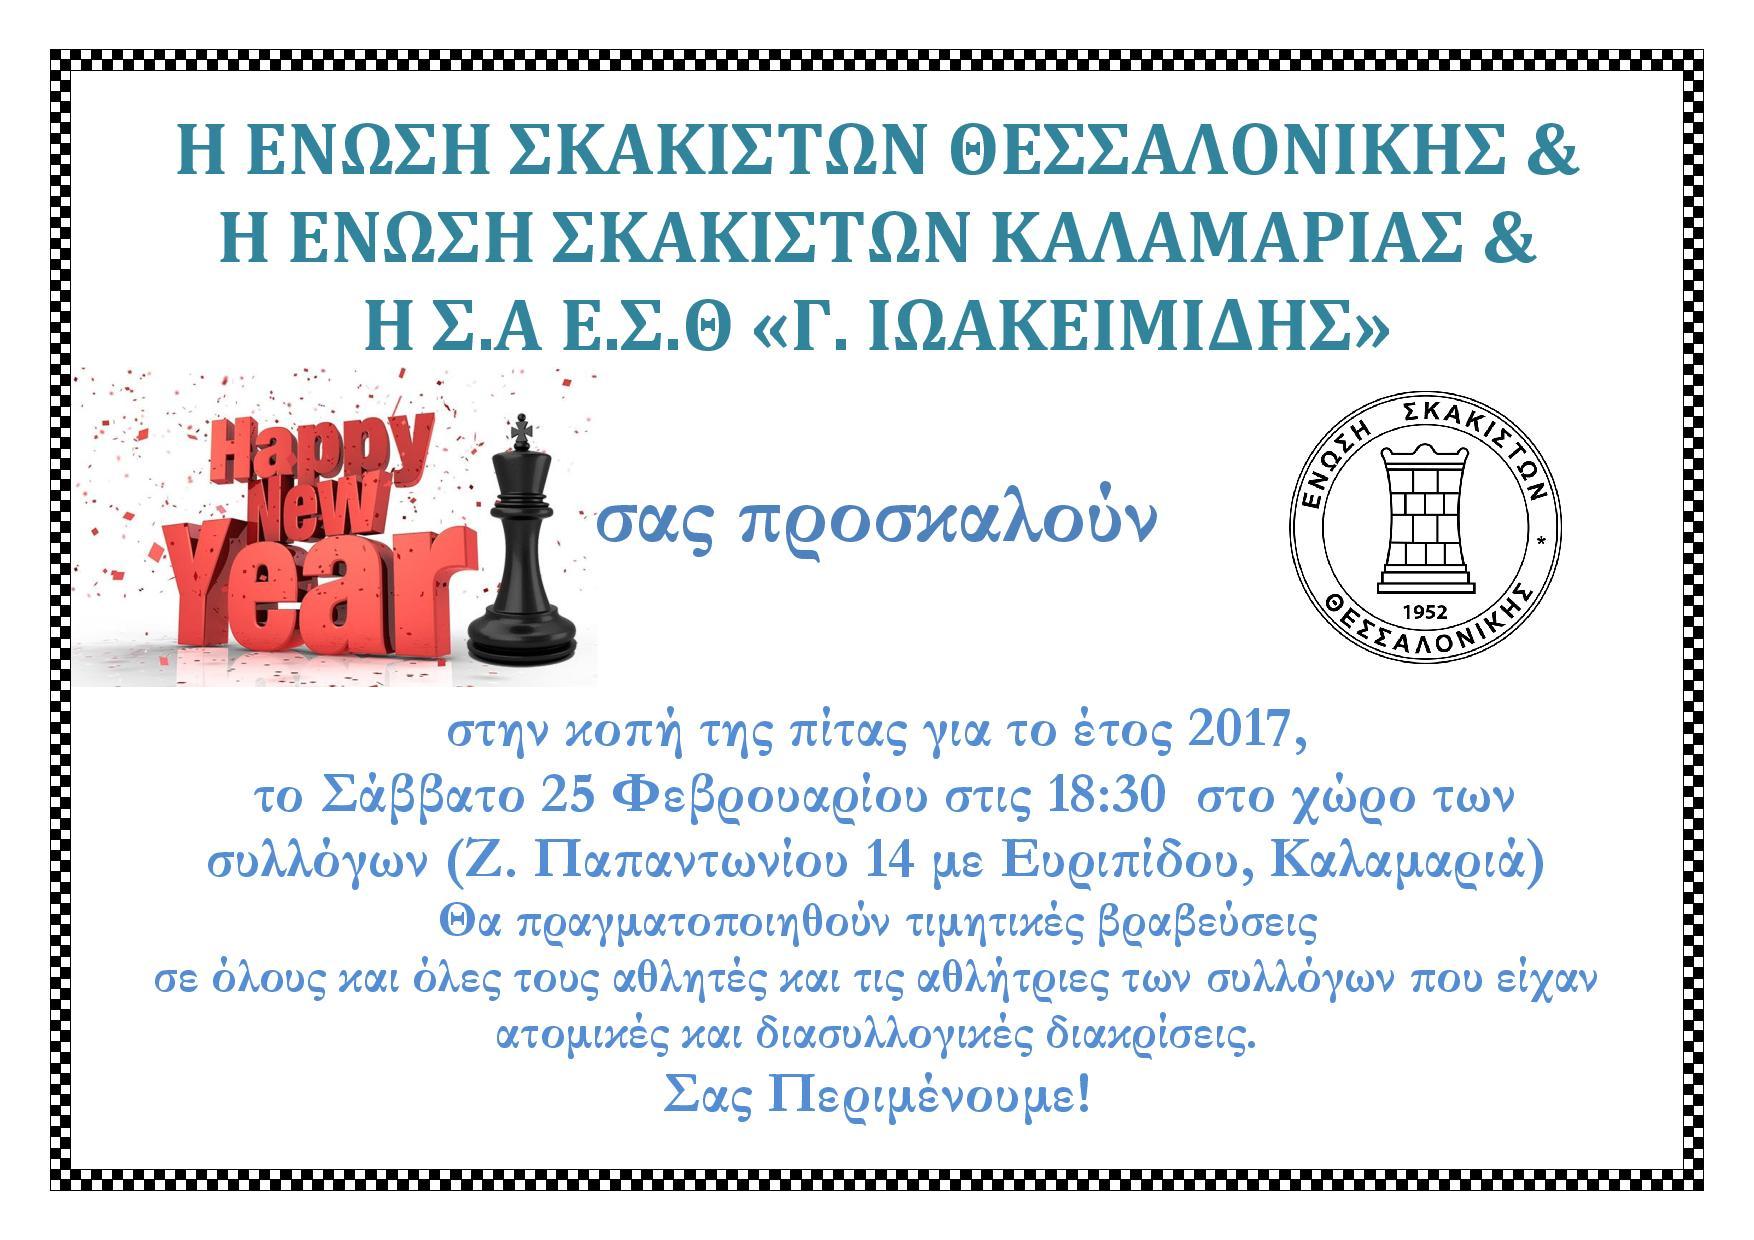 Πρόσκληση για κοπή πίτας ΕΣΘ ΕΣΚ 2017